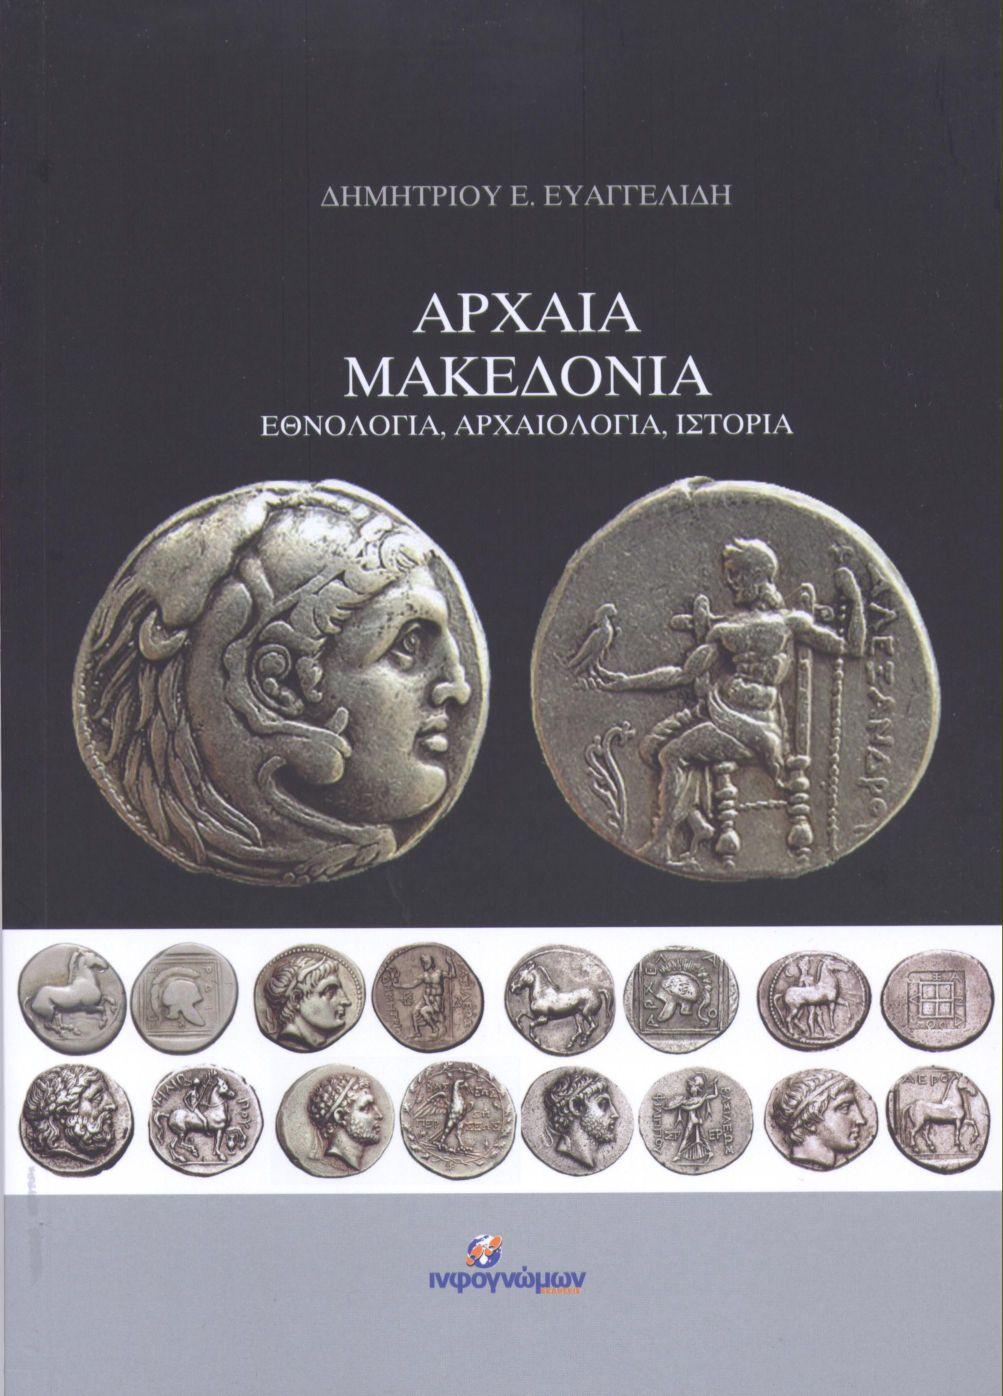 """""""Αρχαία Μακεδονία"""" - Εξώφυλλο βιβλίου"""